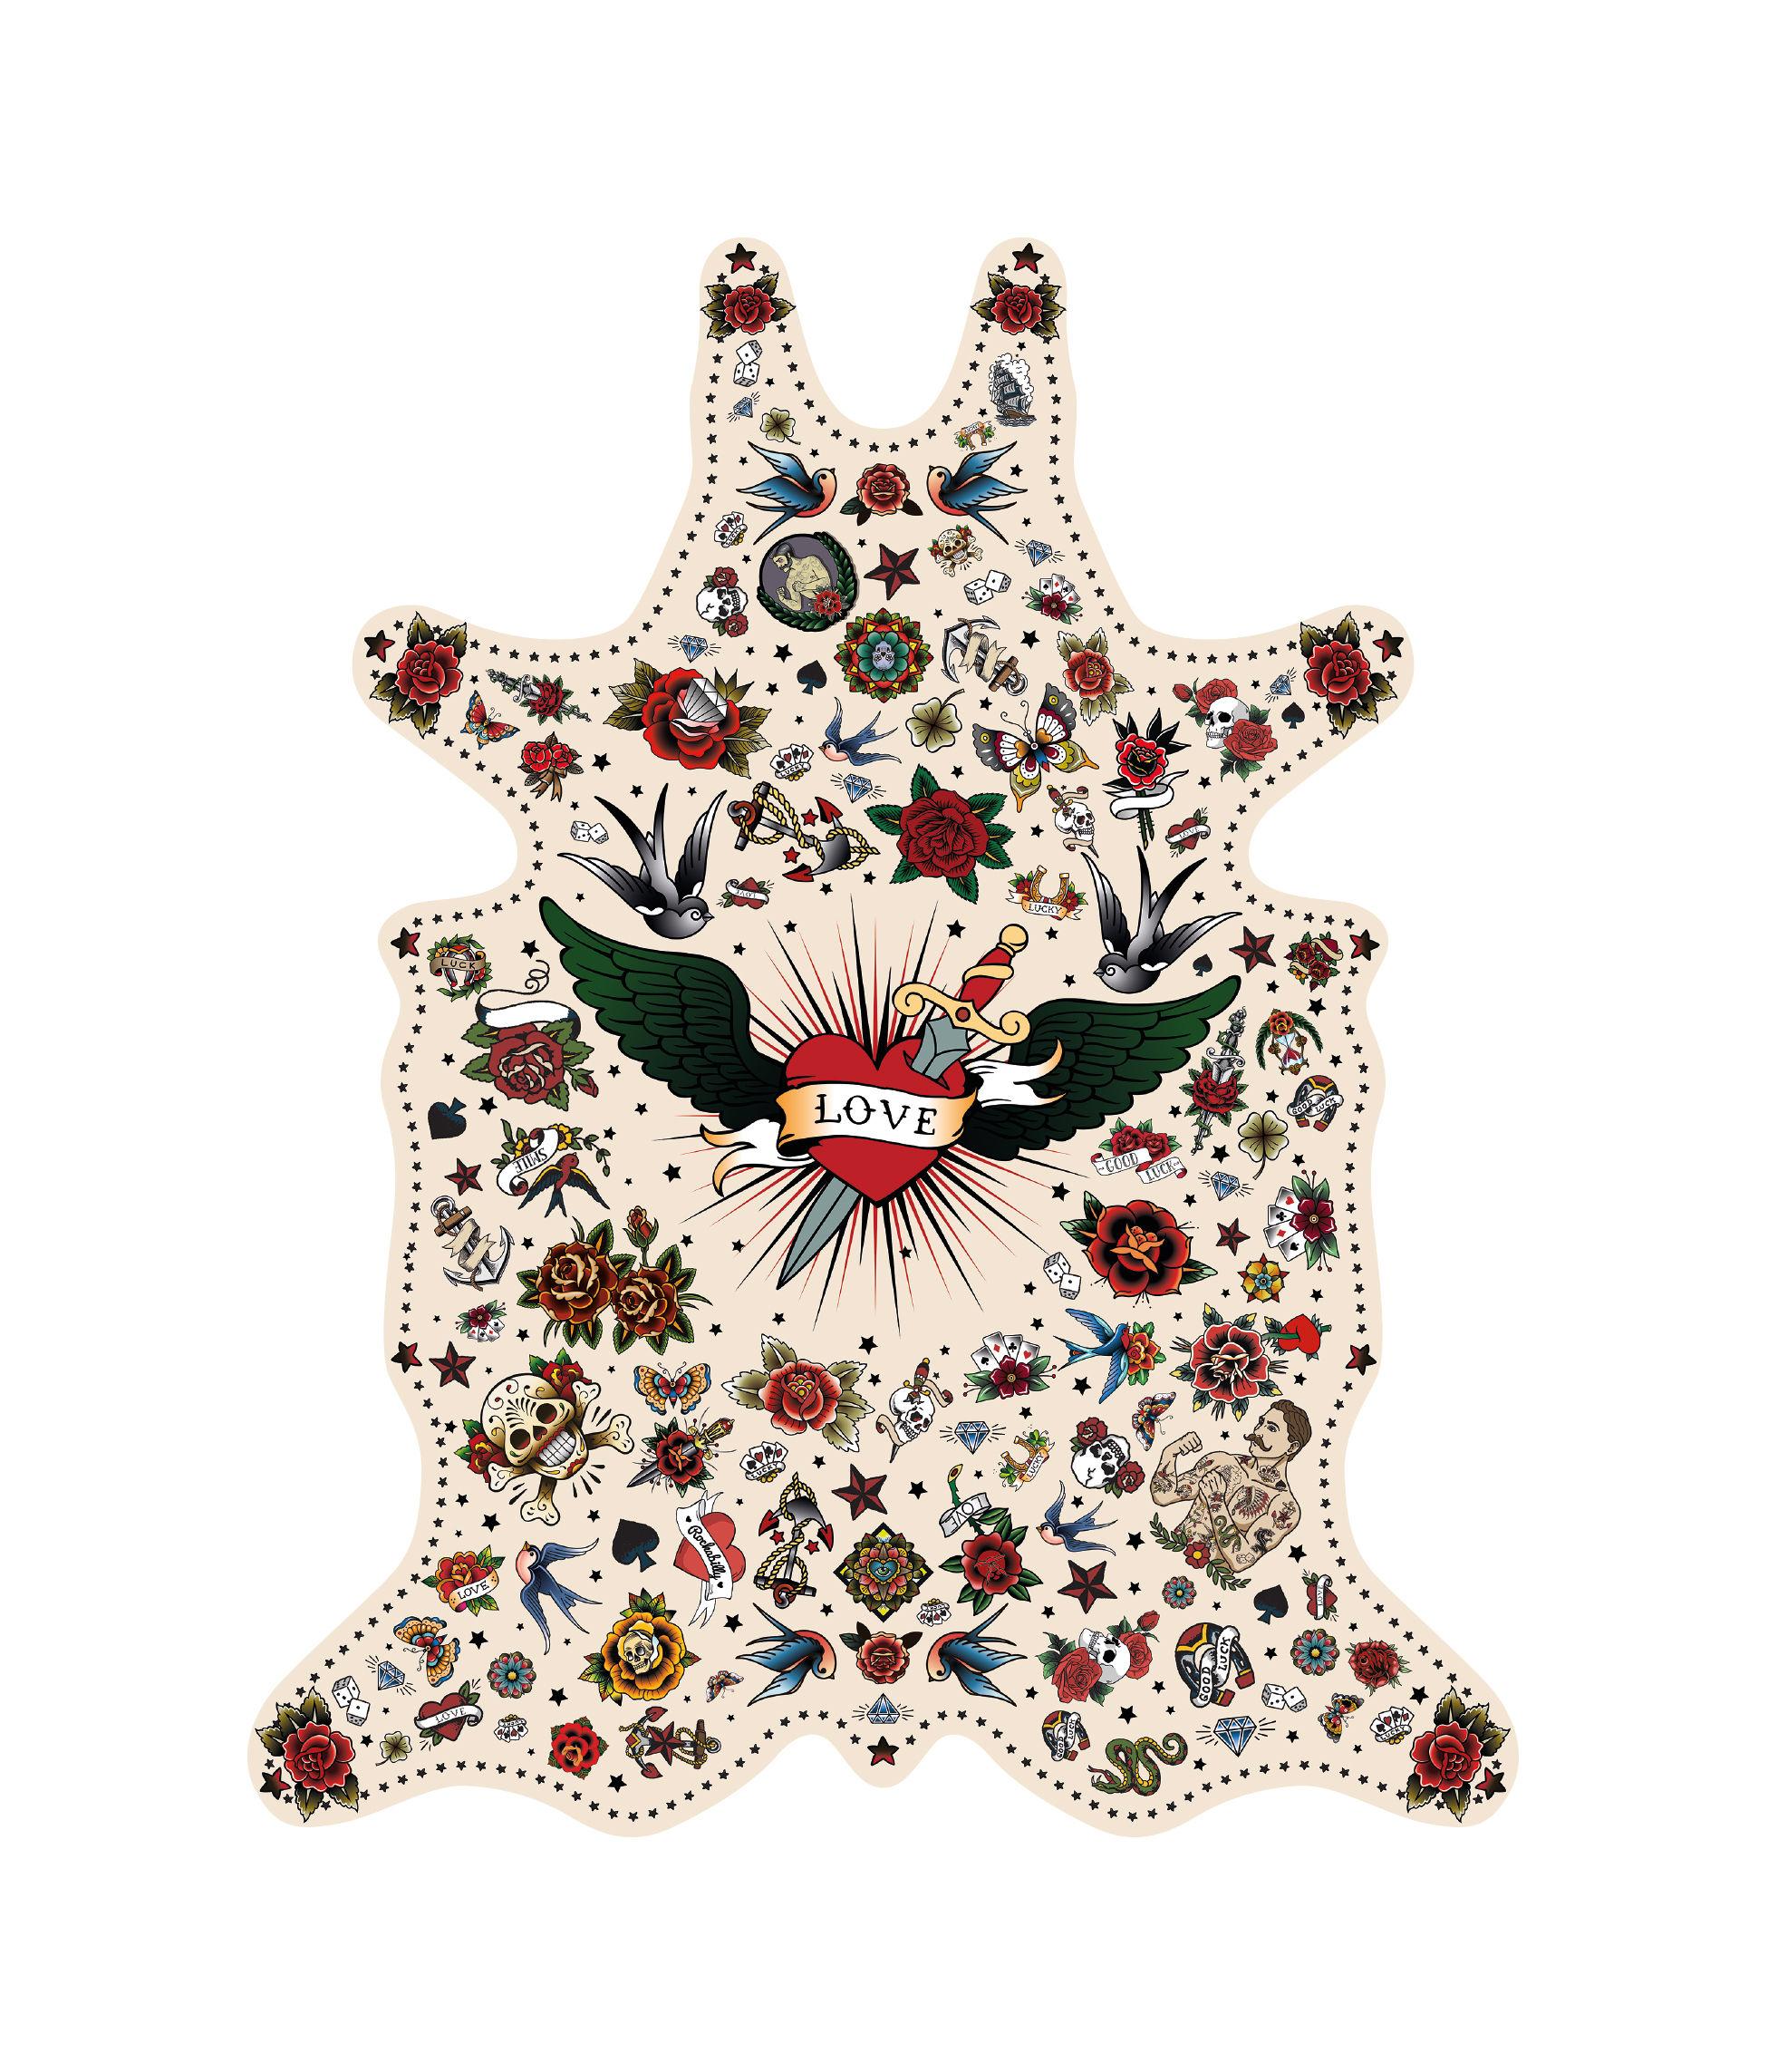 Outdoor - Decorazioni e accessori - Tappeto Tatoo Love - / 126 x 159 cm - Vinile di PÔDEVACHE - Love / Multicolore - Vinile